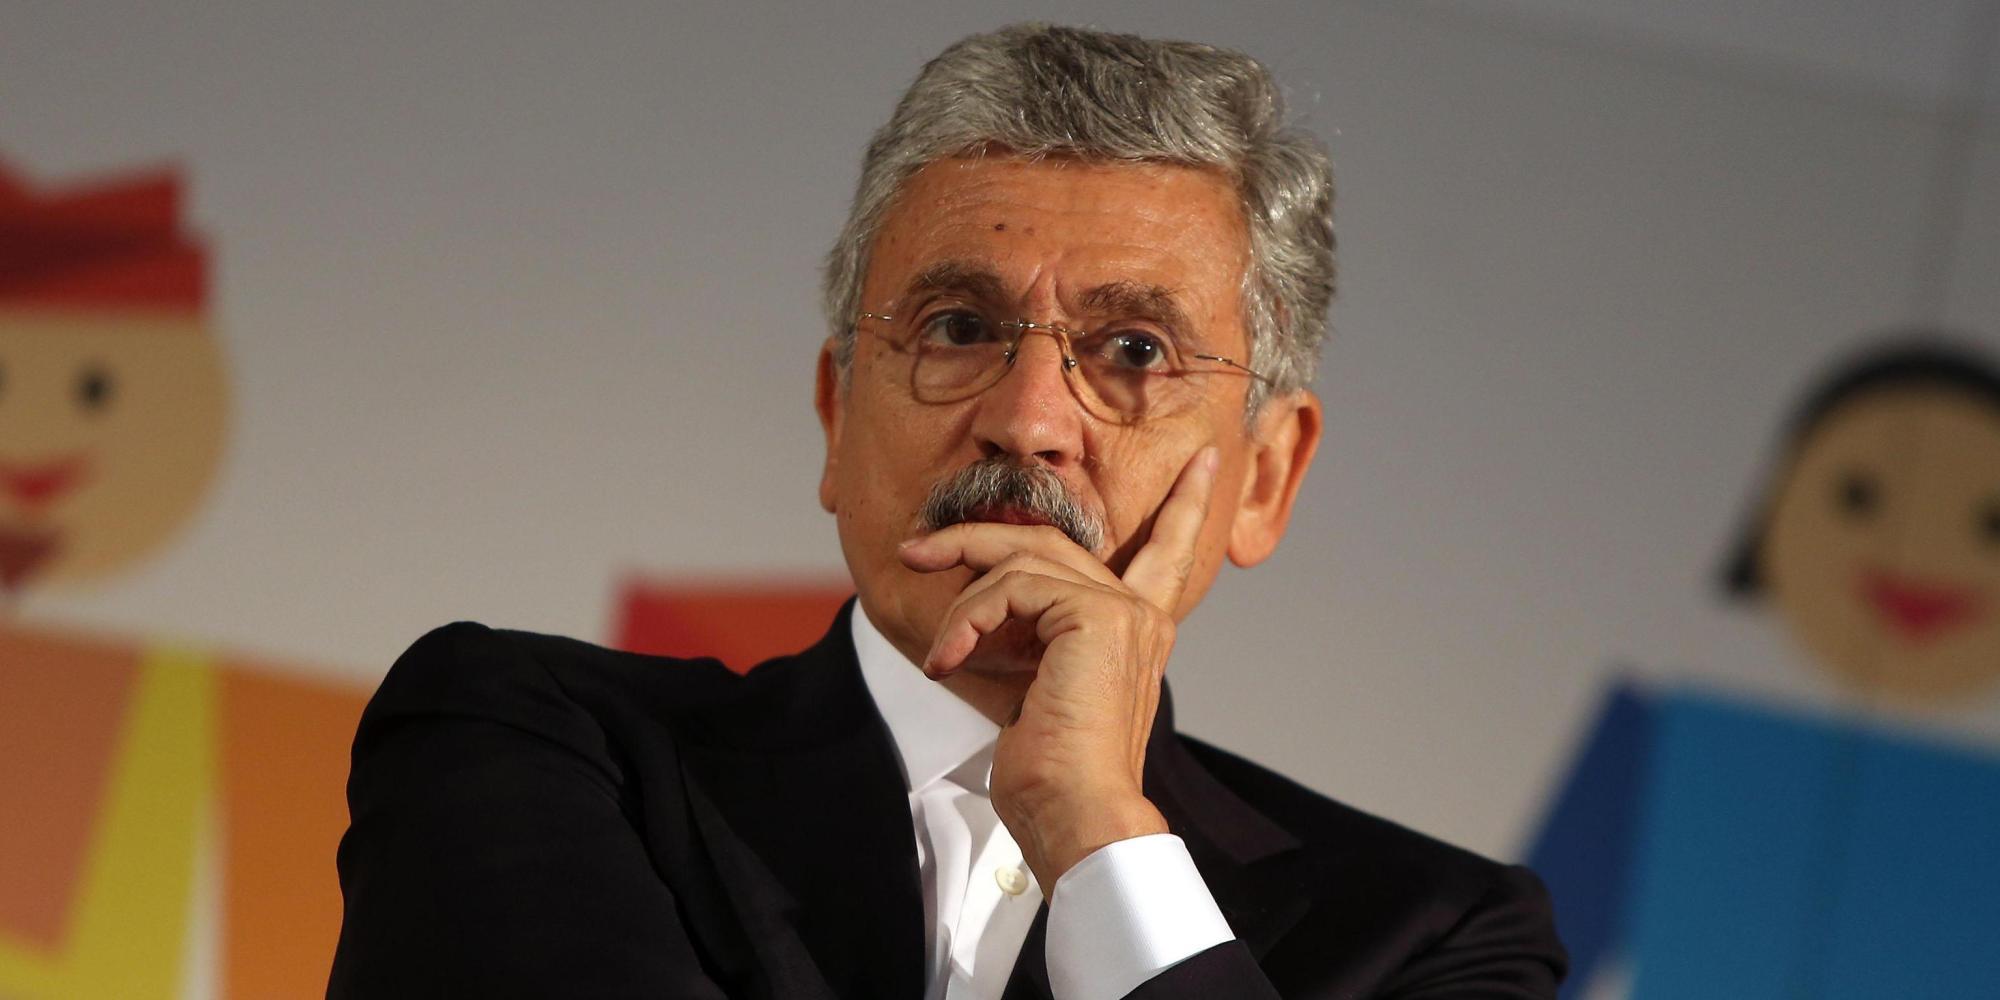 Massimo D'Alemaalla festa democratica del Pd milanese che si svolge